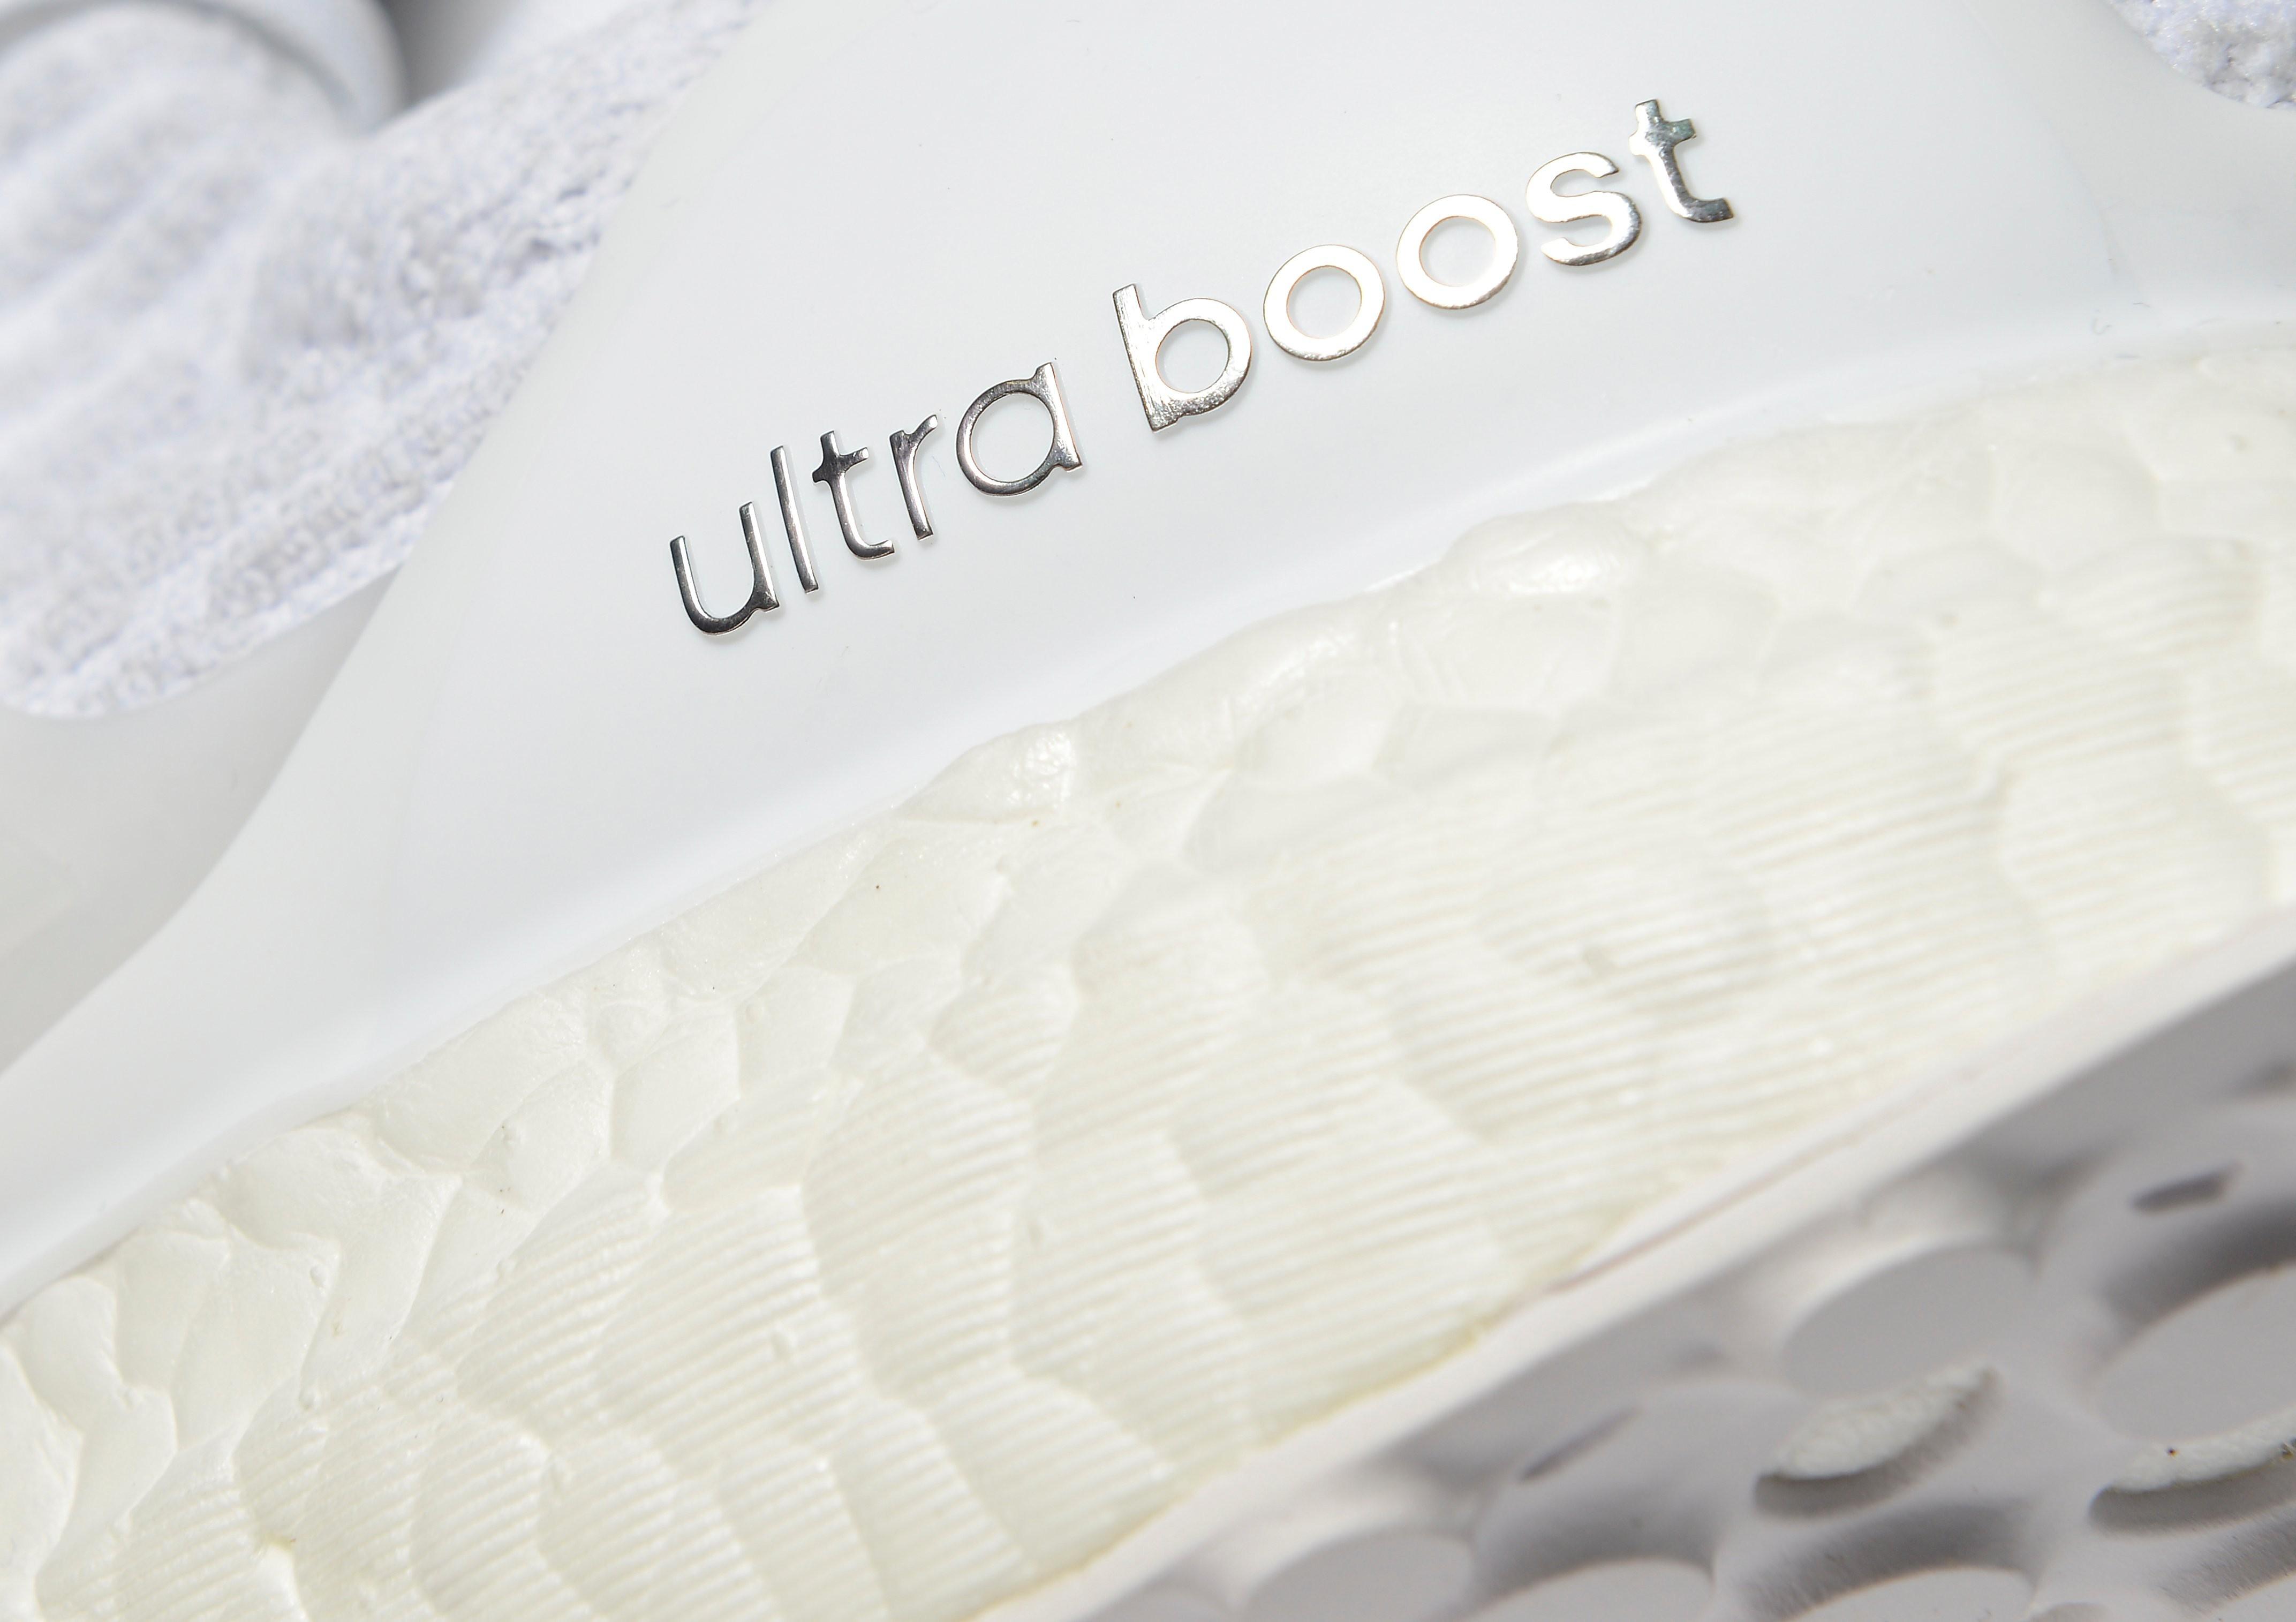 adidas Ultra Boost 3.0 Women's